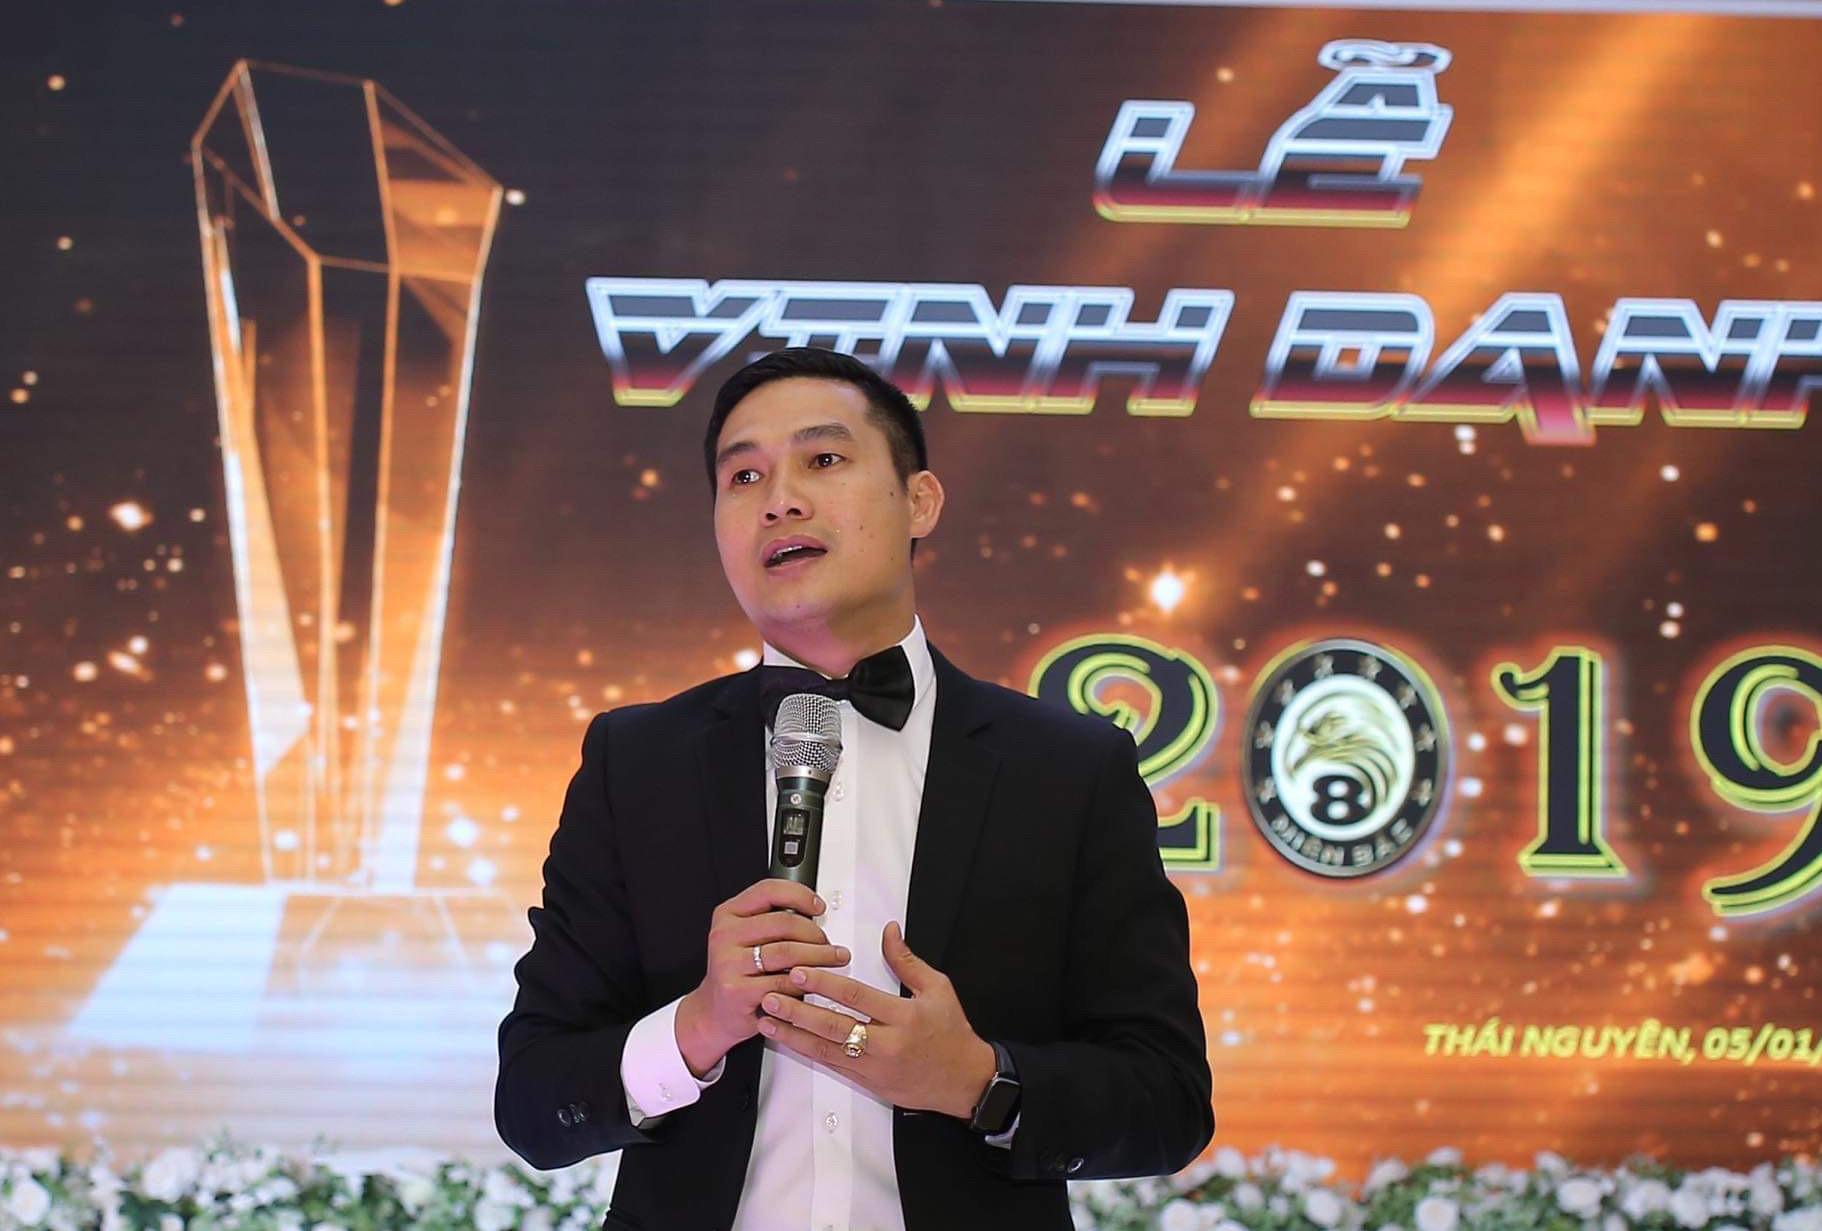 Thành công với triết lý Phát triển con người: Đặng Thanh Tuấn - người truyền lửa cho nhiều bạn trẻ khởi nghiệp - Ảnh 2.